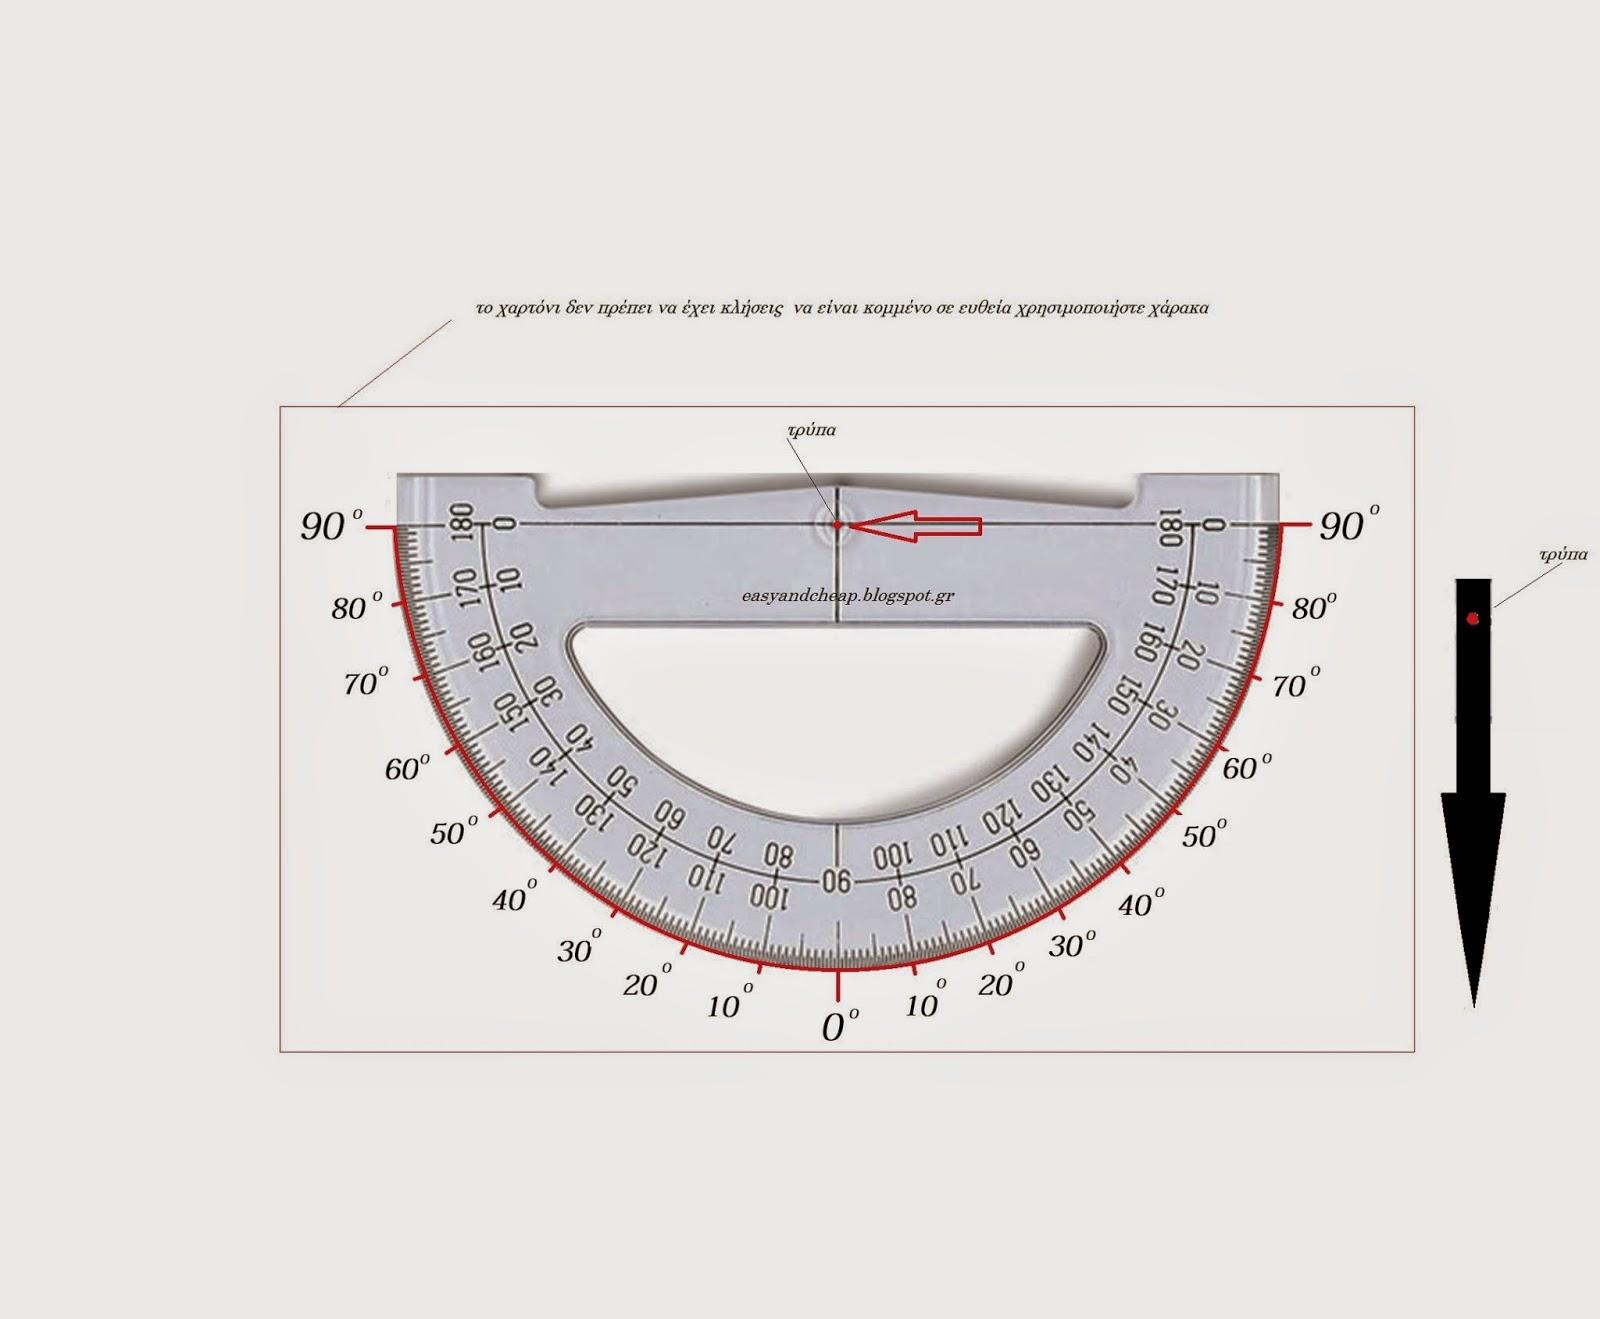 Πώς κατασκευάζουμε ένα κλισιόμετρο με απλά υλικά;